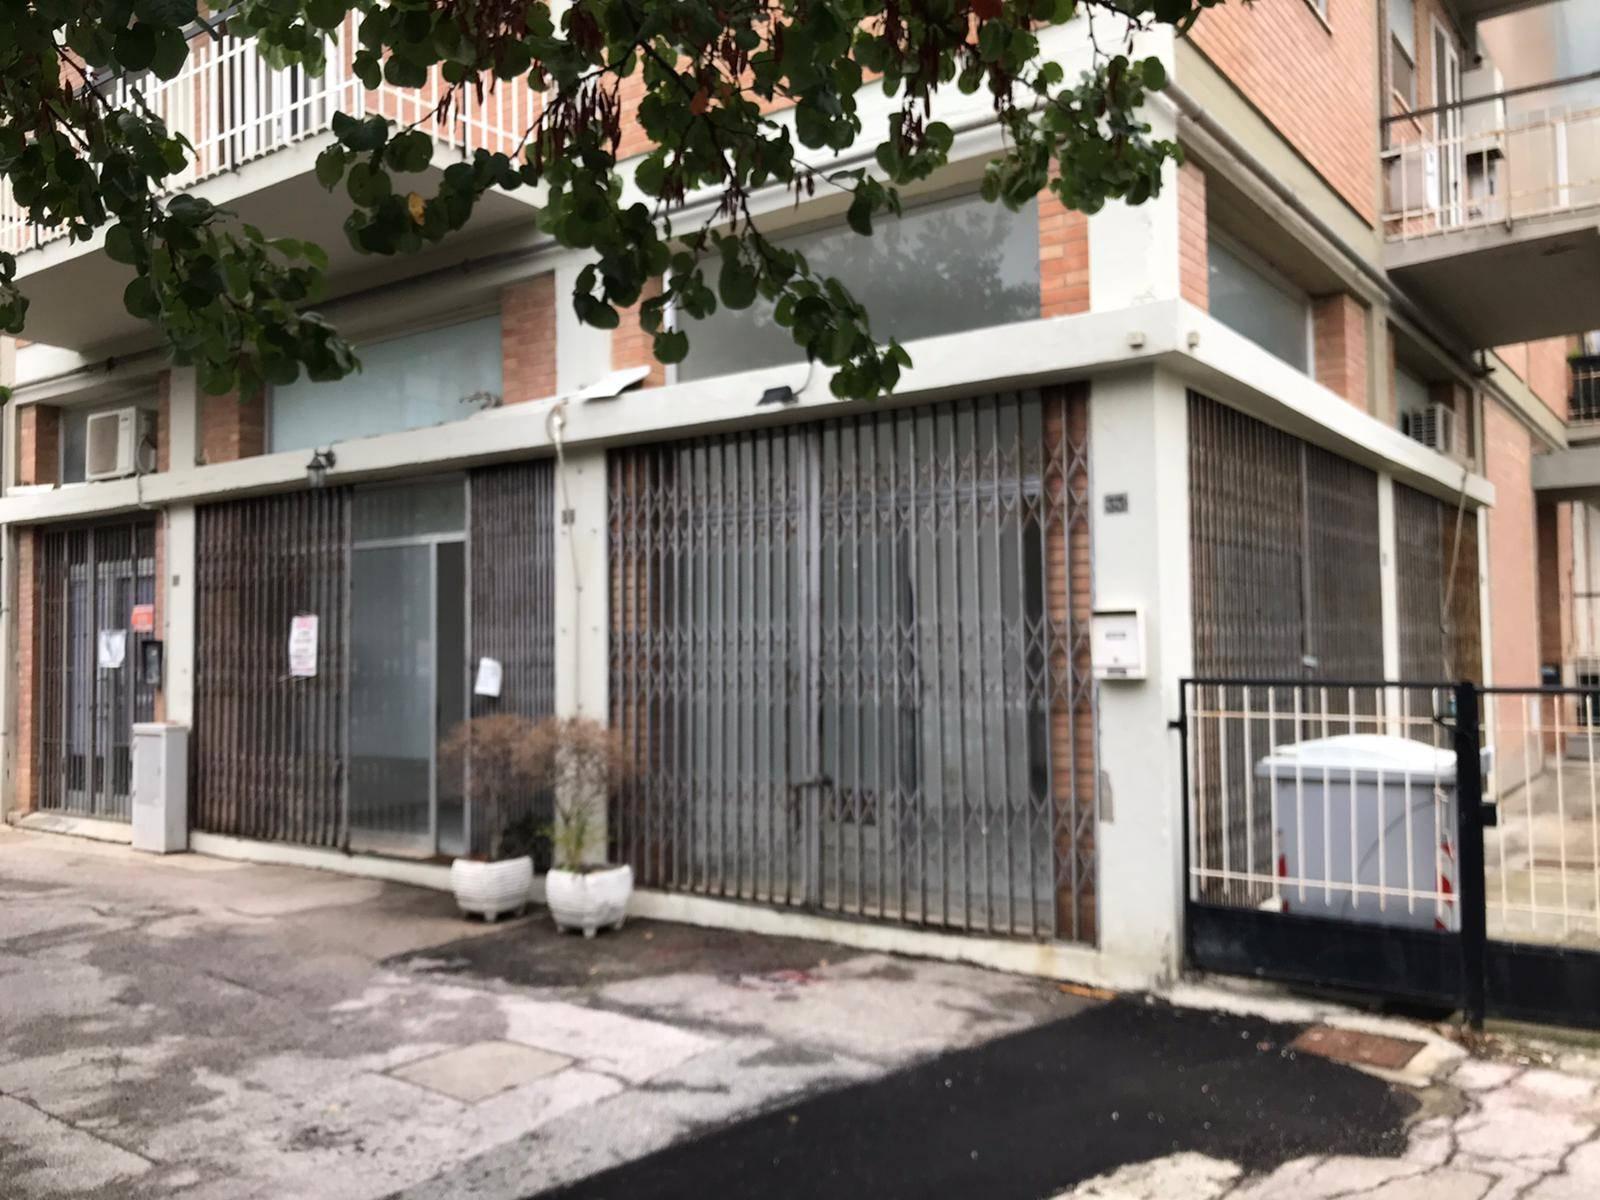 Negozio / Locale in vendita a Grosseto, 2 locali, zona Località: SAN GIUSEPPE, prezzo € 90.000   CambioCasa.it